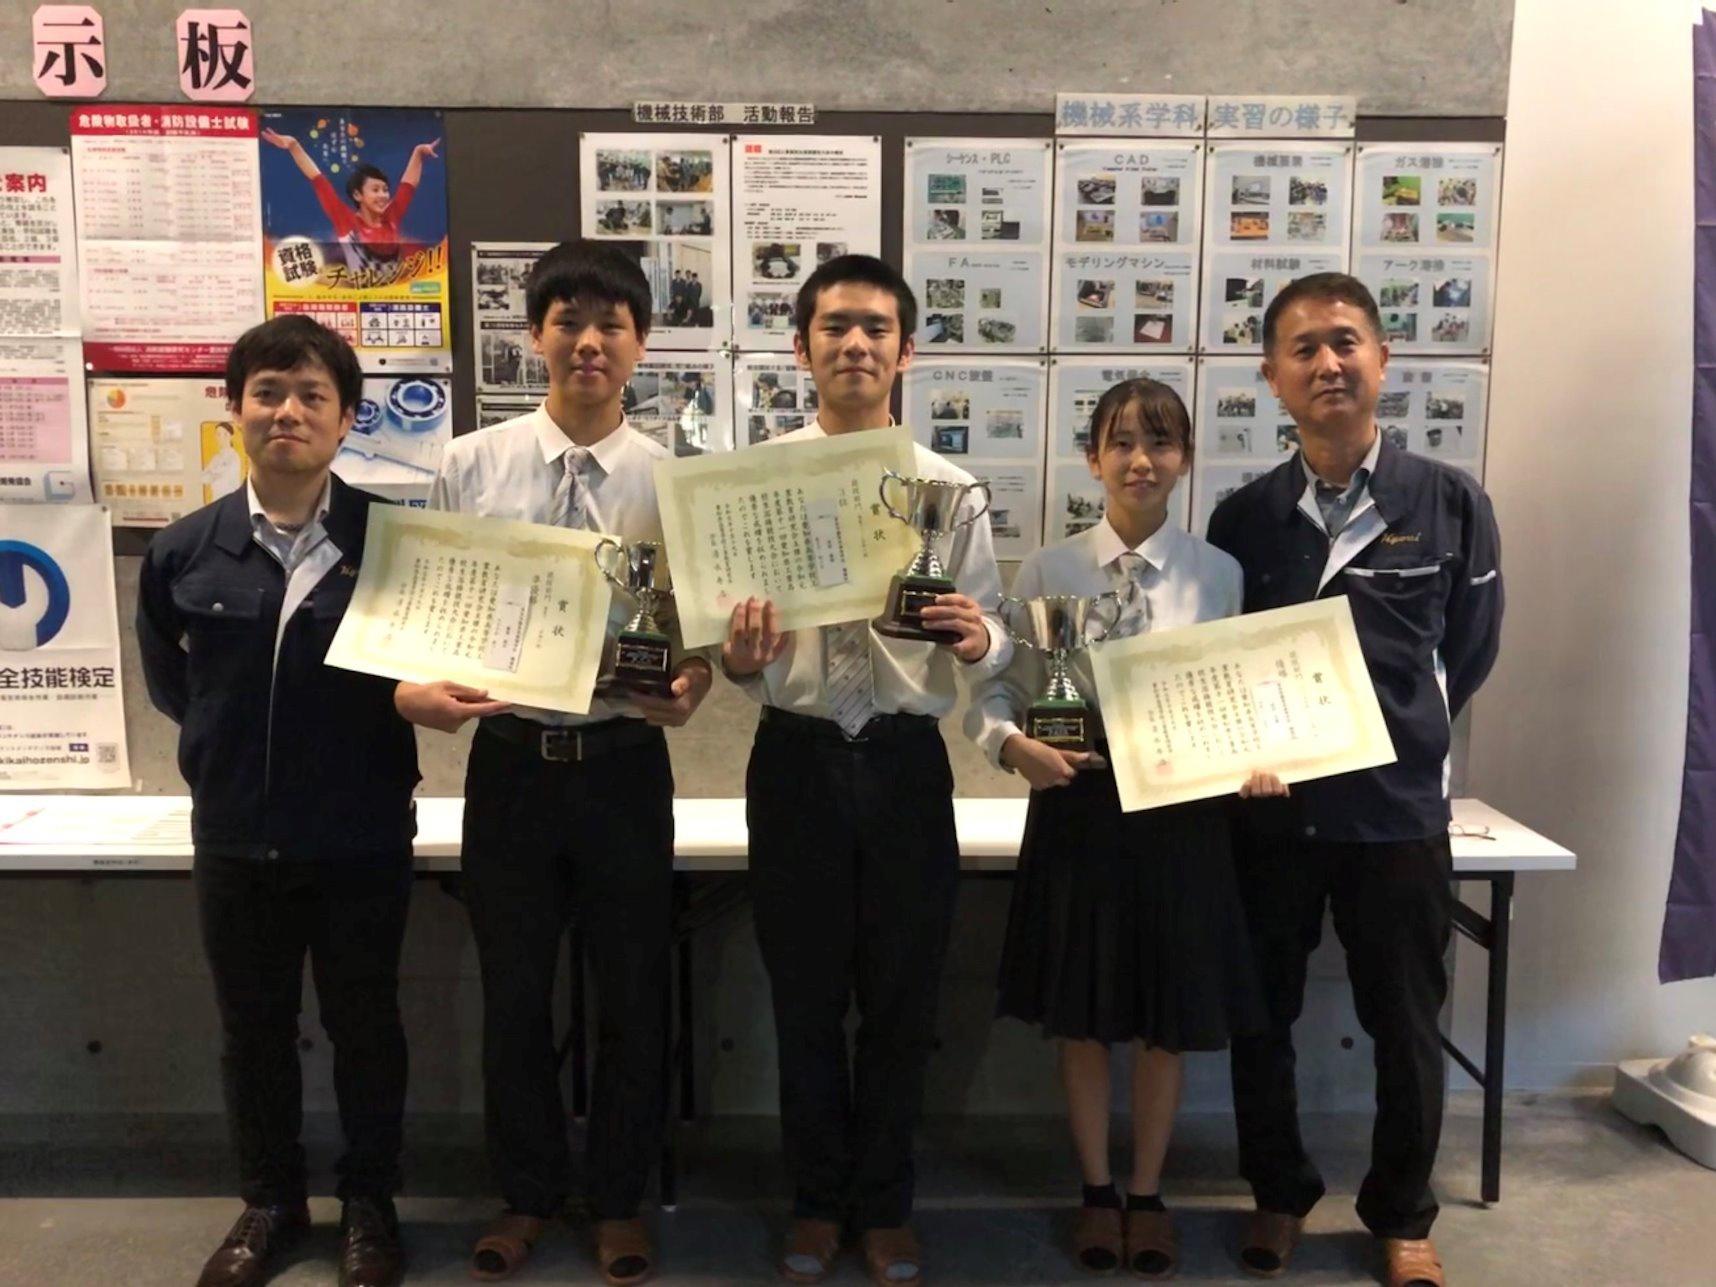 学院 名古屋 専門 学校 高等 課程 工